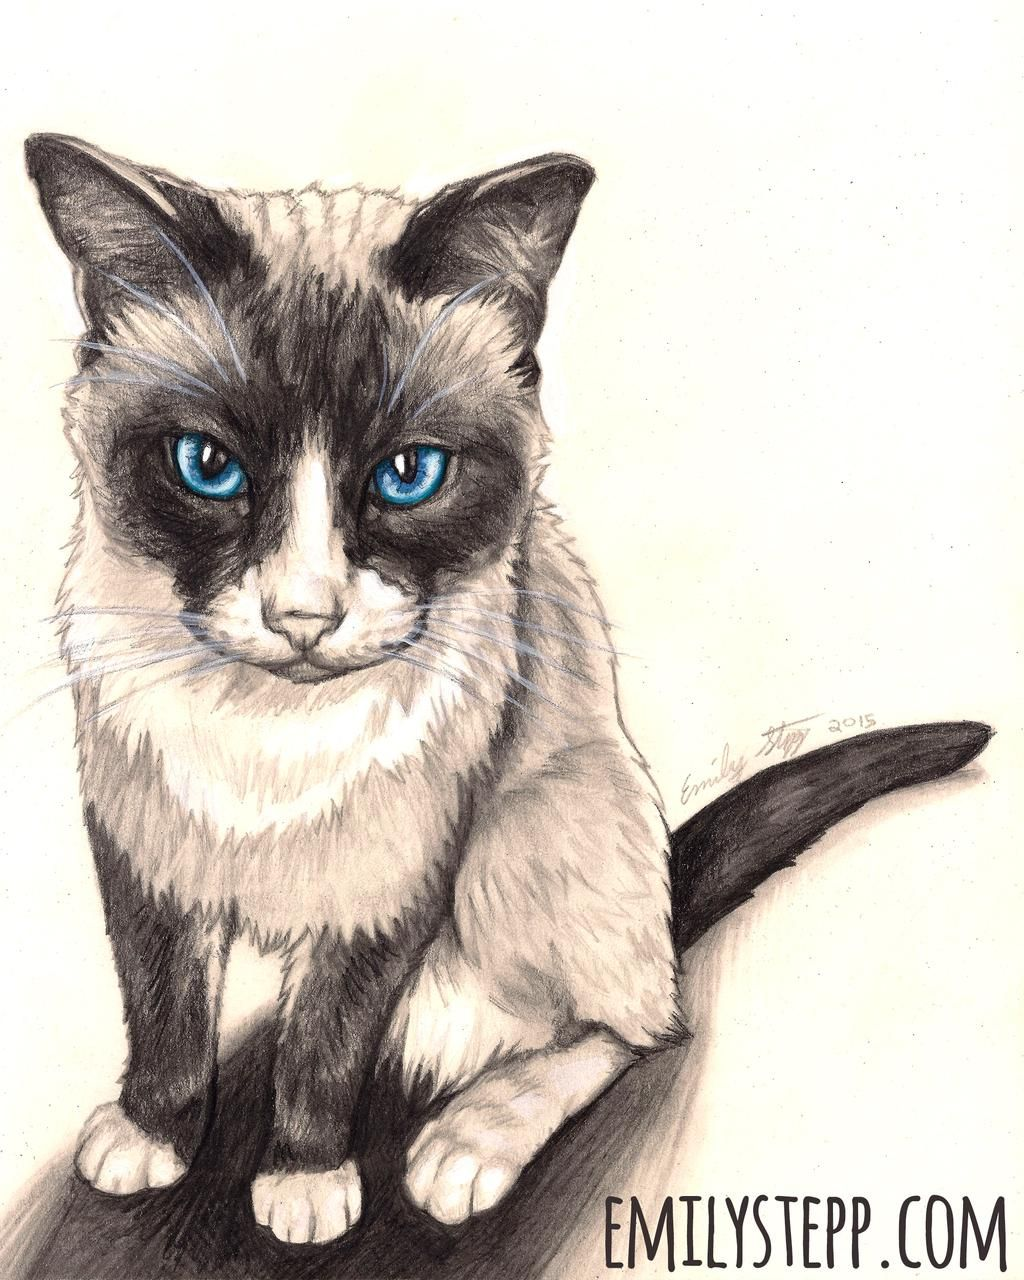 Snowshoe Cat Pet Portrait Bandit By Emilystepp On Deviantart Snowshoe Cat In 2020 Snowshoe Cat Pets Cats Pet Portraits